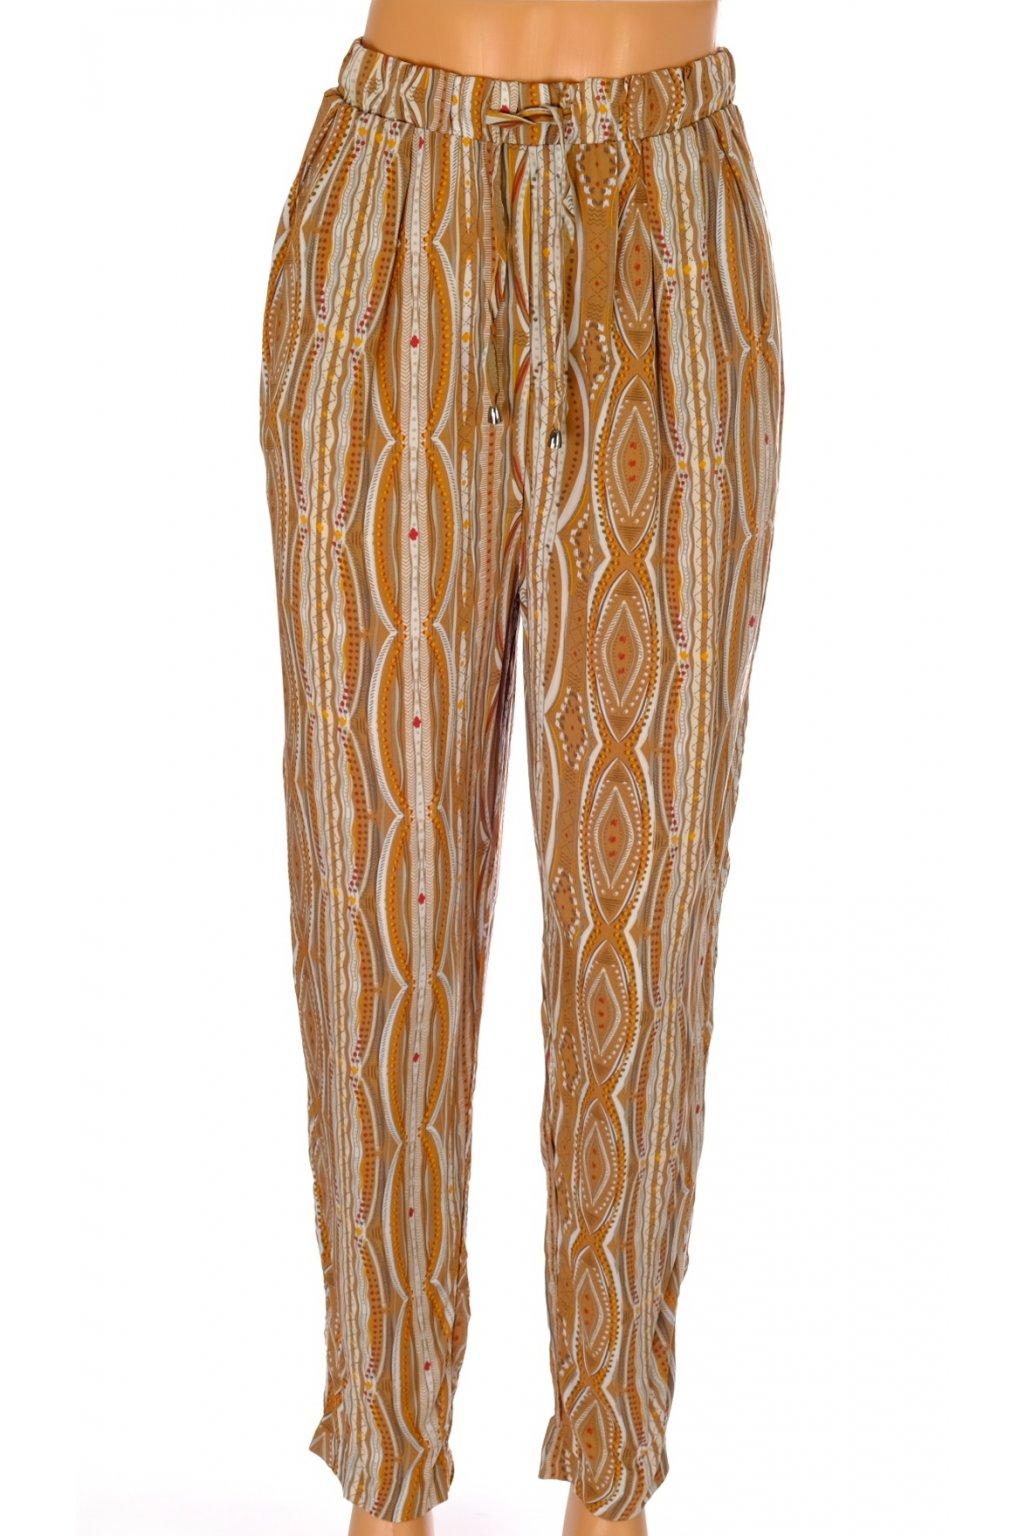 Kalhoty Esmara hnědé vzorované v pase do gumy vel S